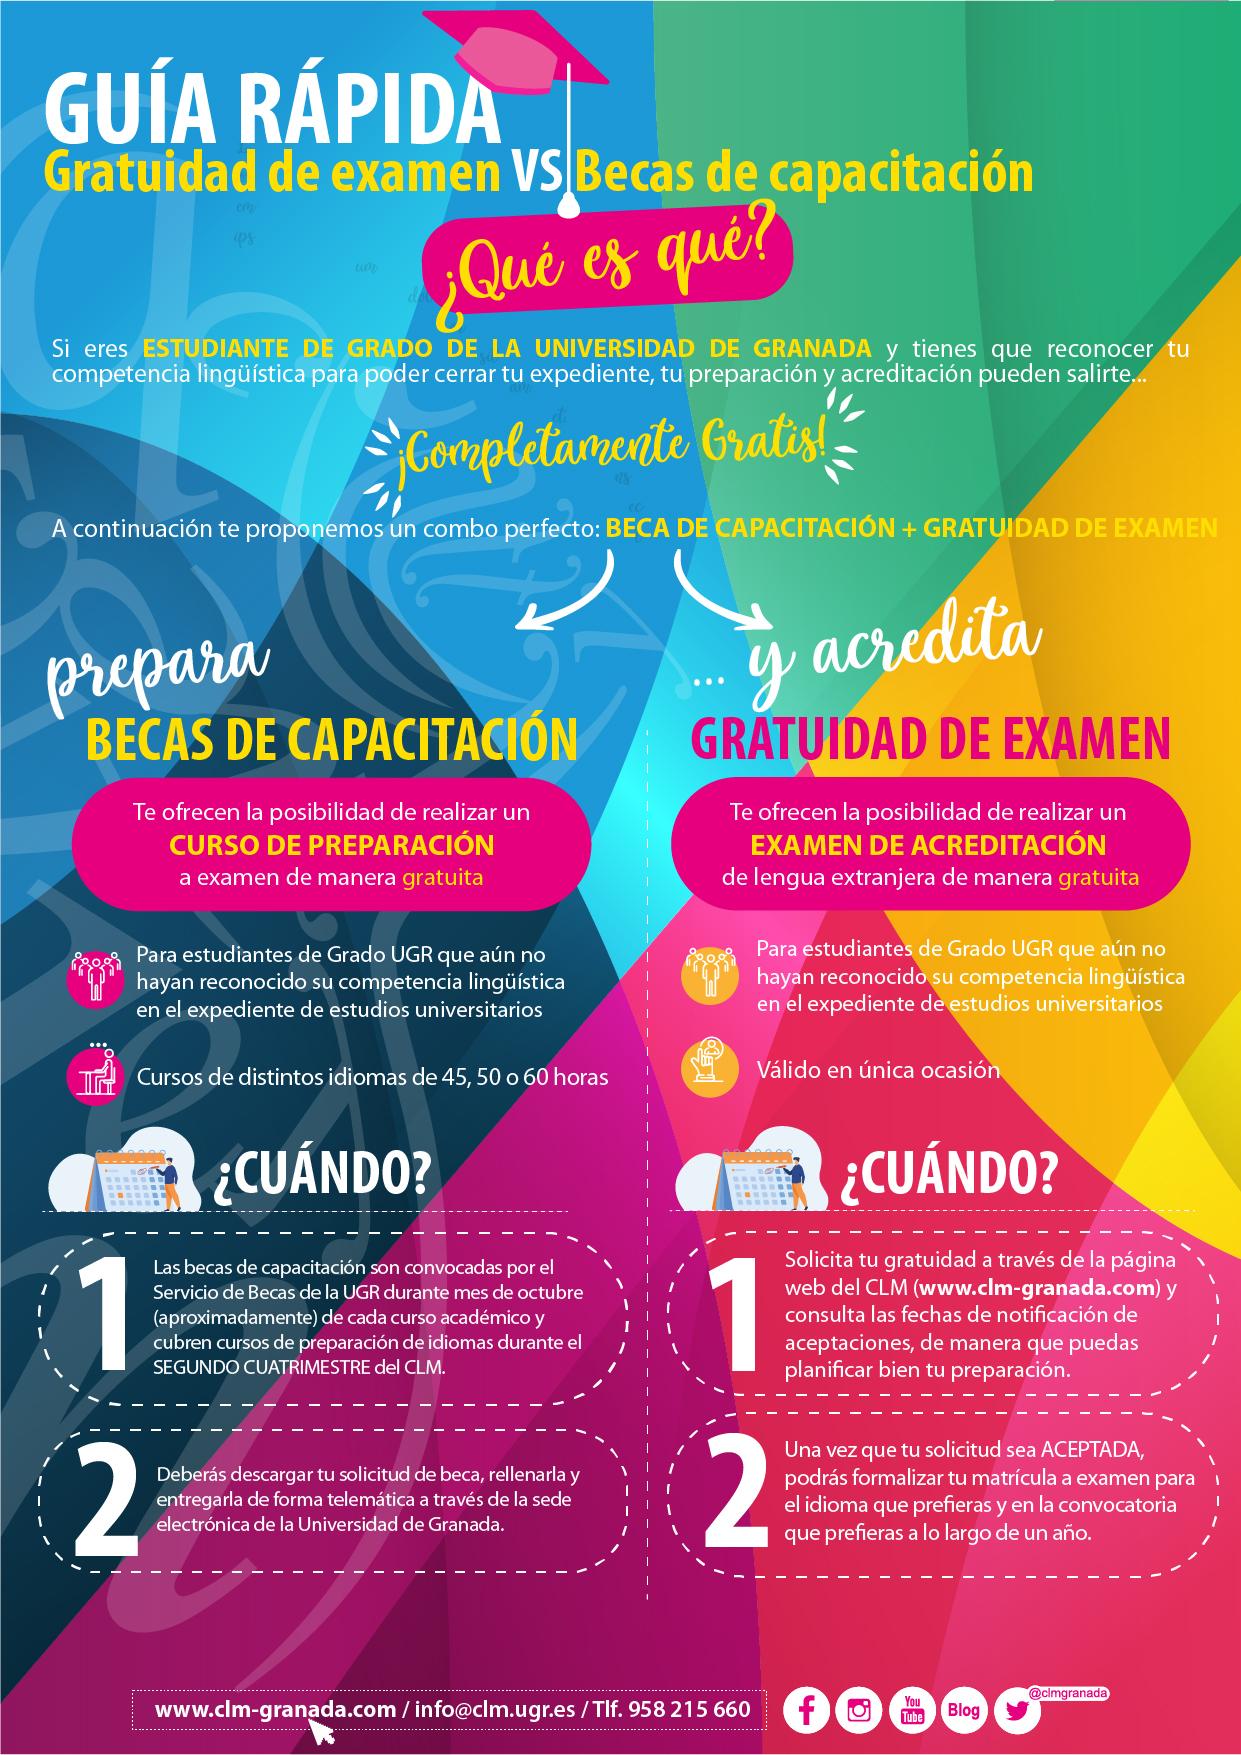 Infografía sobre becas de capacitación lingüística y gratuidad de examen